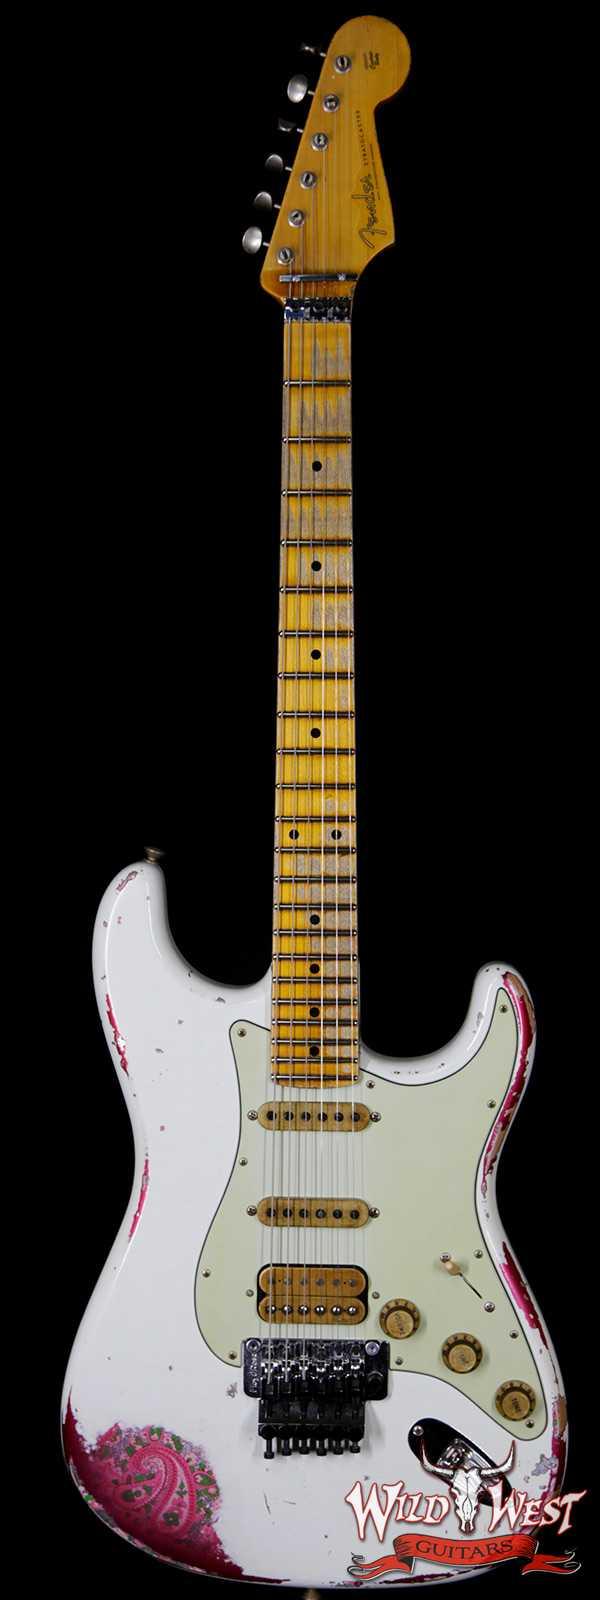 Fender Custom Shop White Lightning Stratocaster HSS Floyd Rose Heavy Relic Maple Neck 22 Frets Pink Paisley